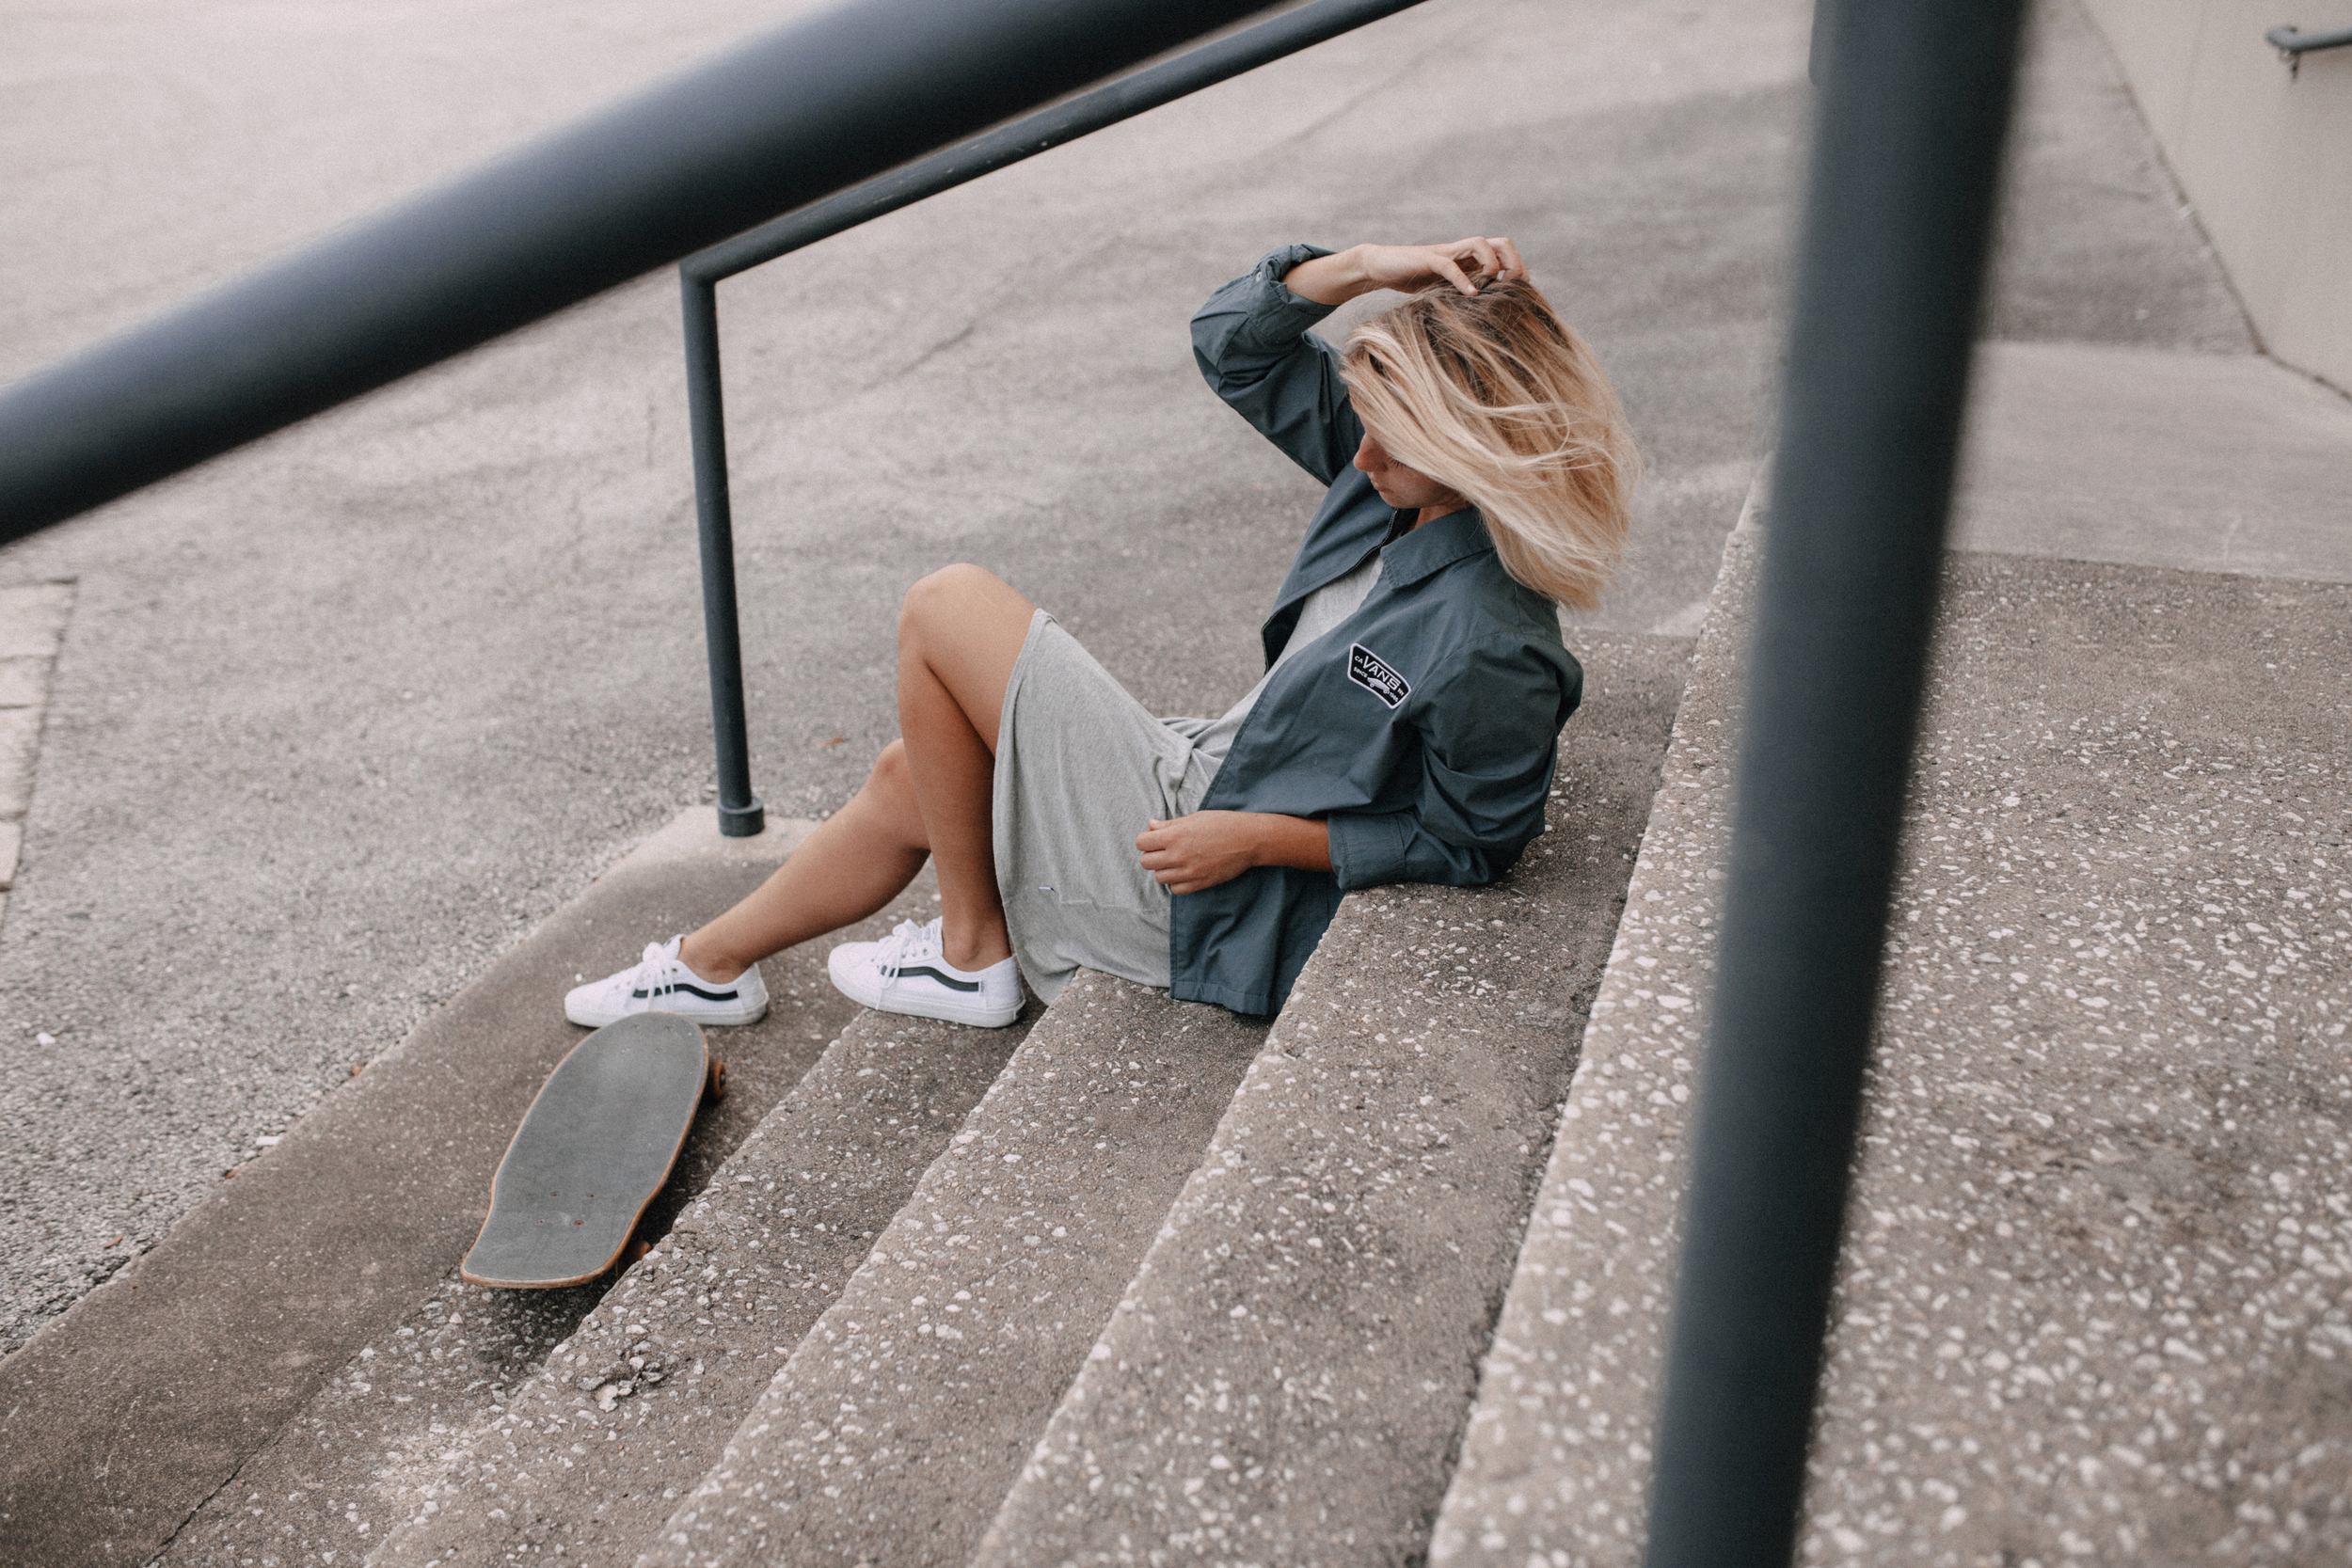 Elise_Skate-6.jpg